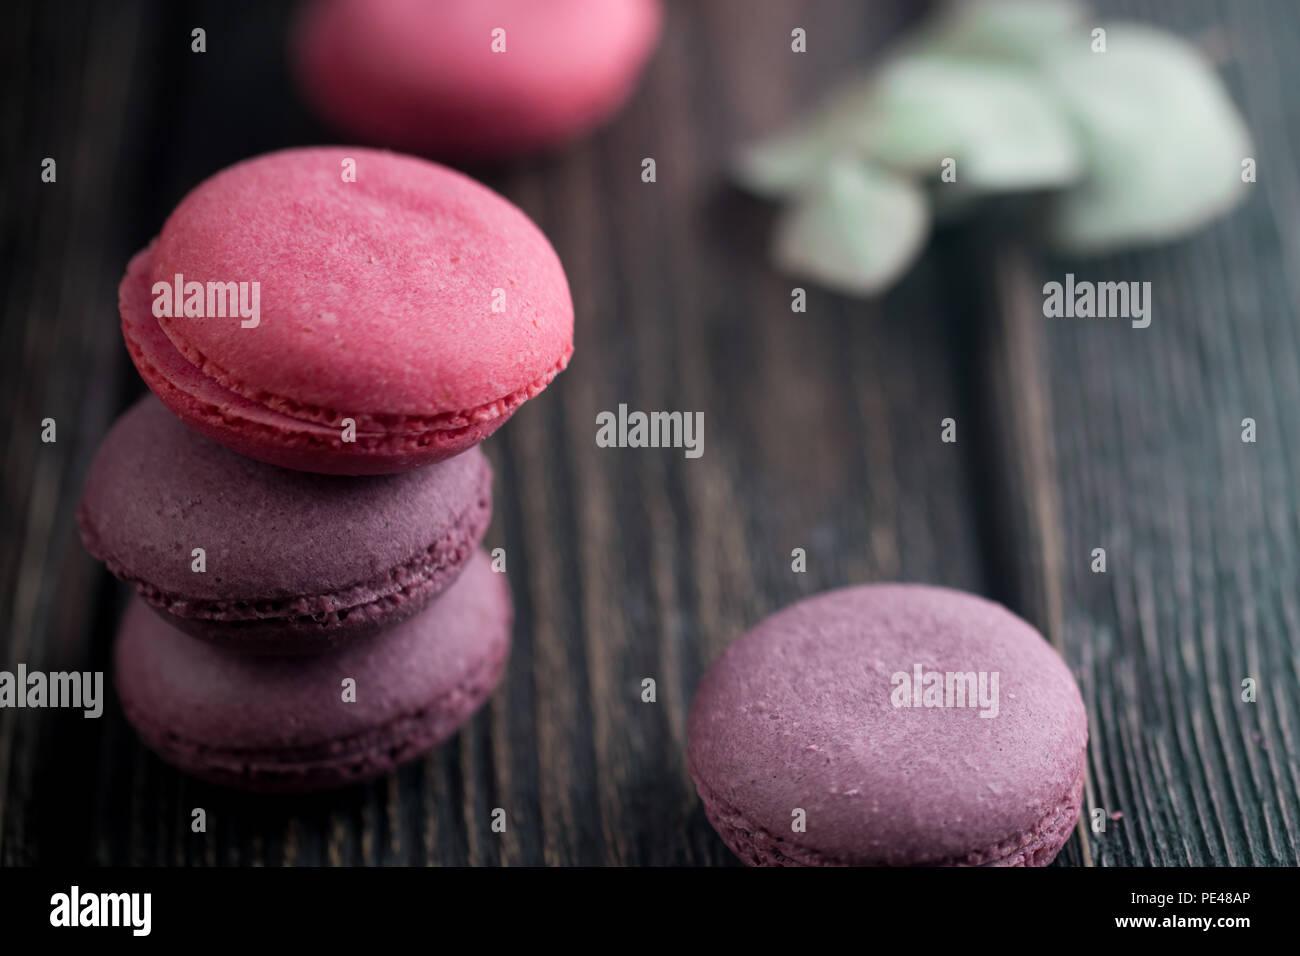 Gruppe der Macarons aus Erdbeeren, Sahne, Schokolade und Heidelbeeren. Rustikale Foto. Getönt. Stockbild